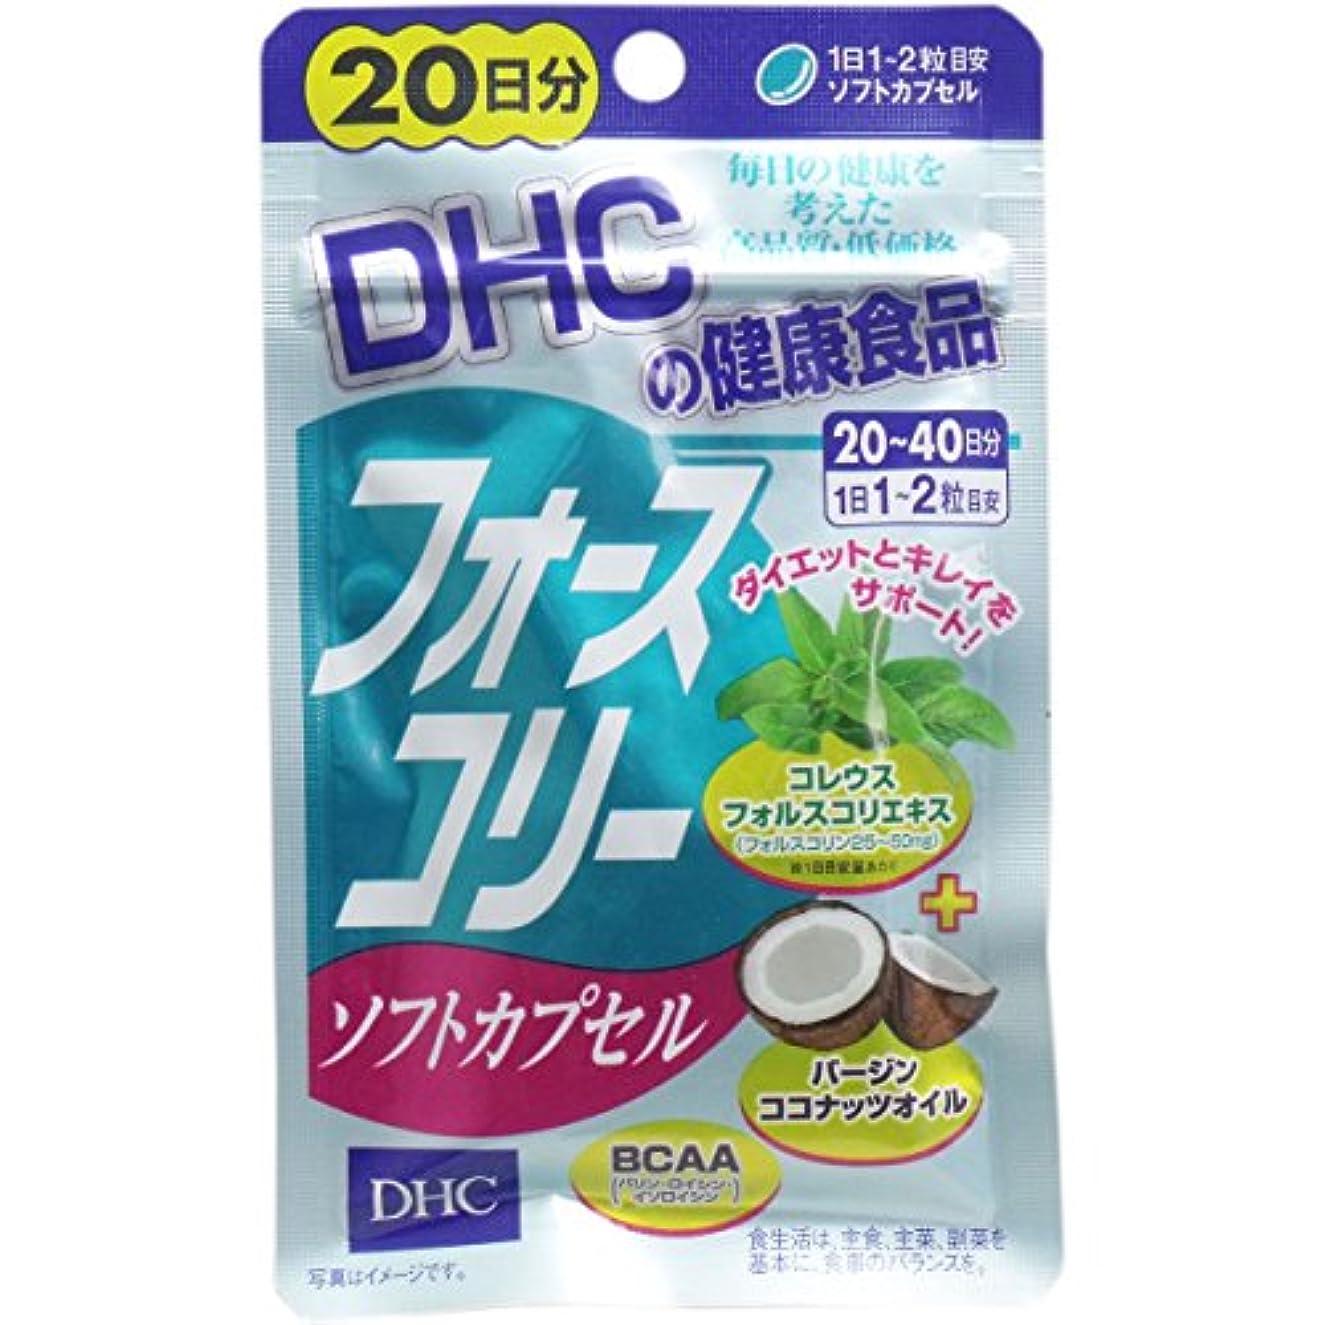 目立つ癒す暫定DHC フォースコリー ソフトカプセル 20日分 20粒入